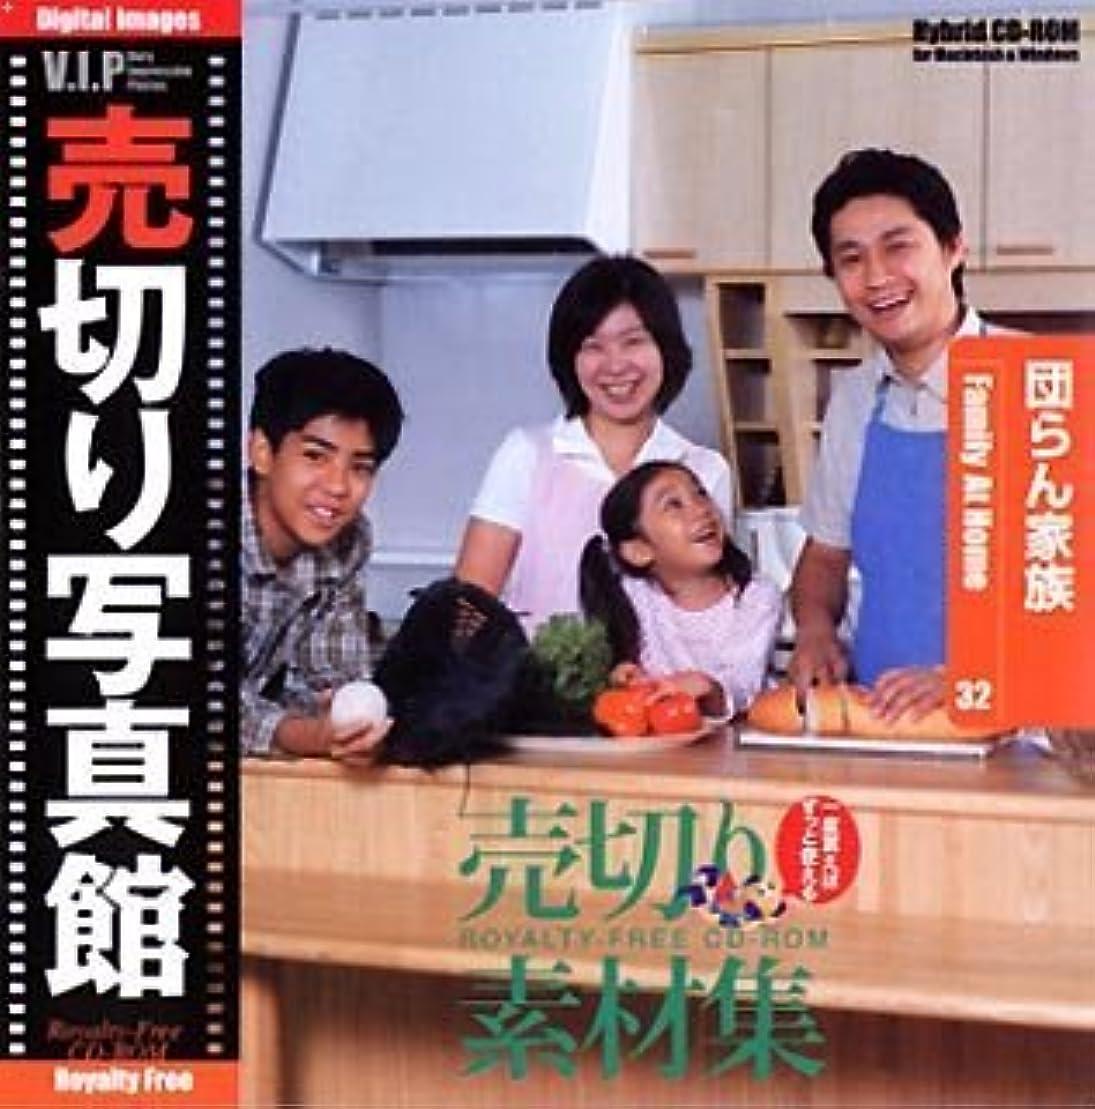 葉現像ランチ売切り写真館 VIPシリーズ Vol.32 団らん家族